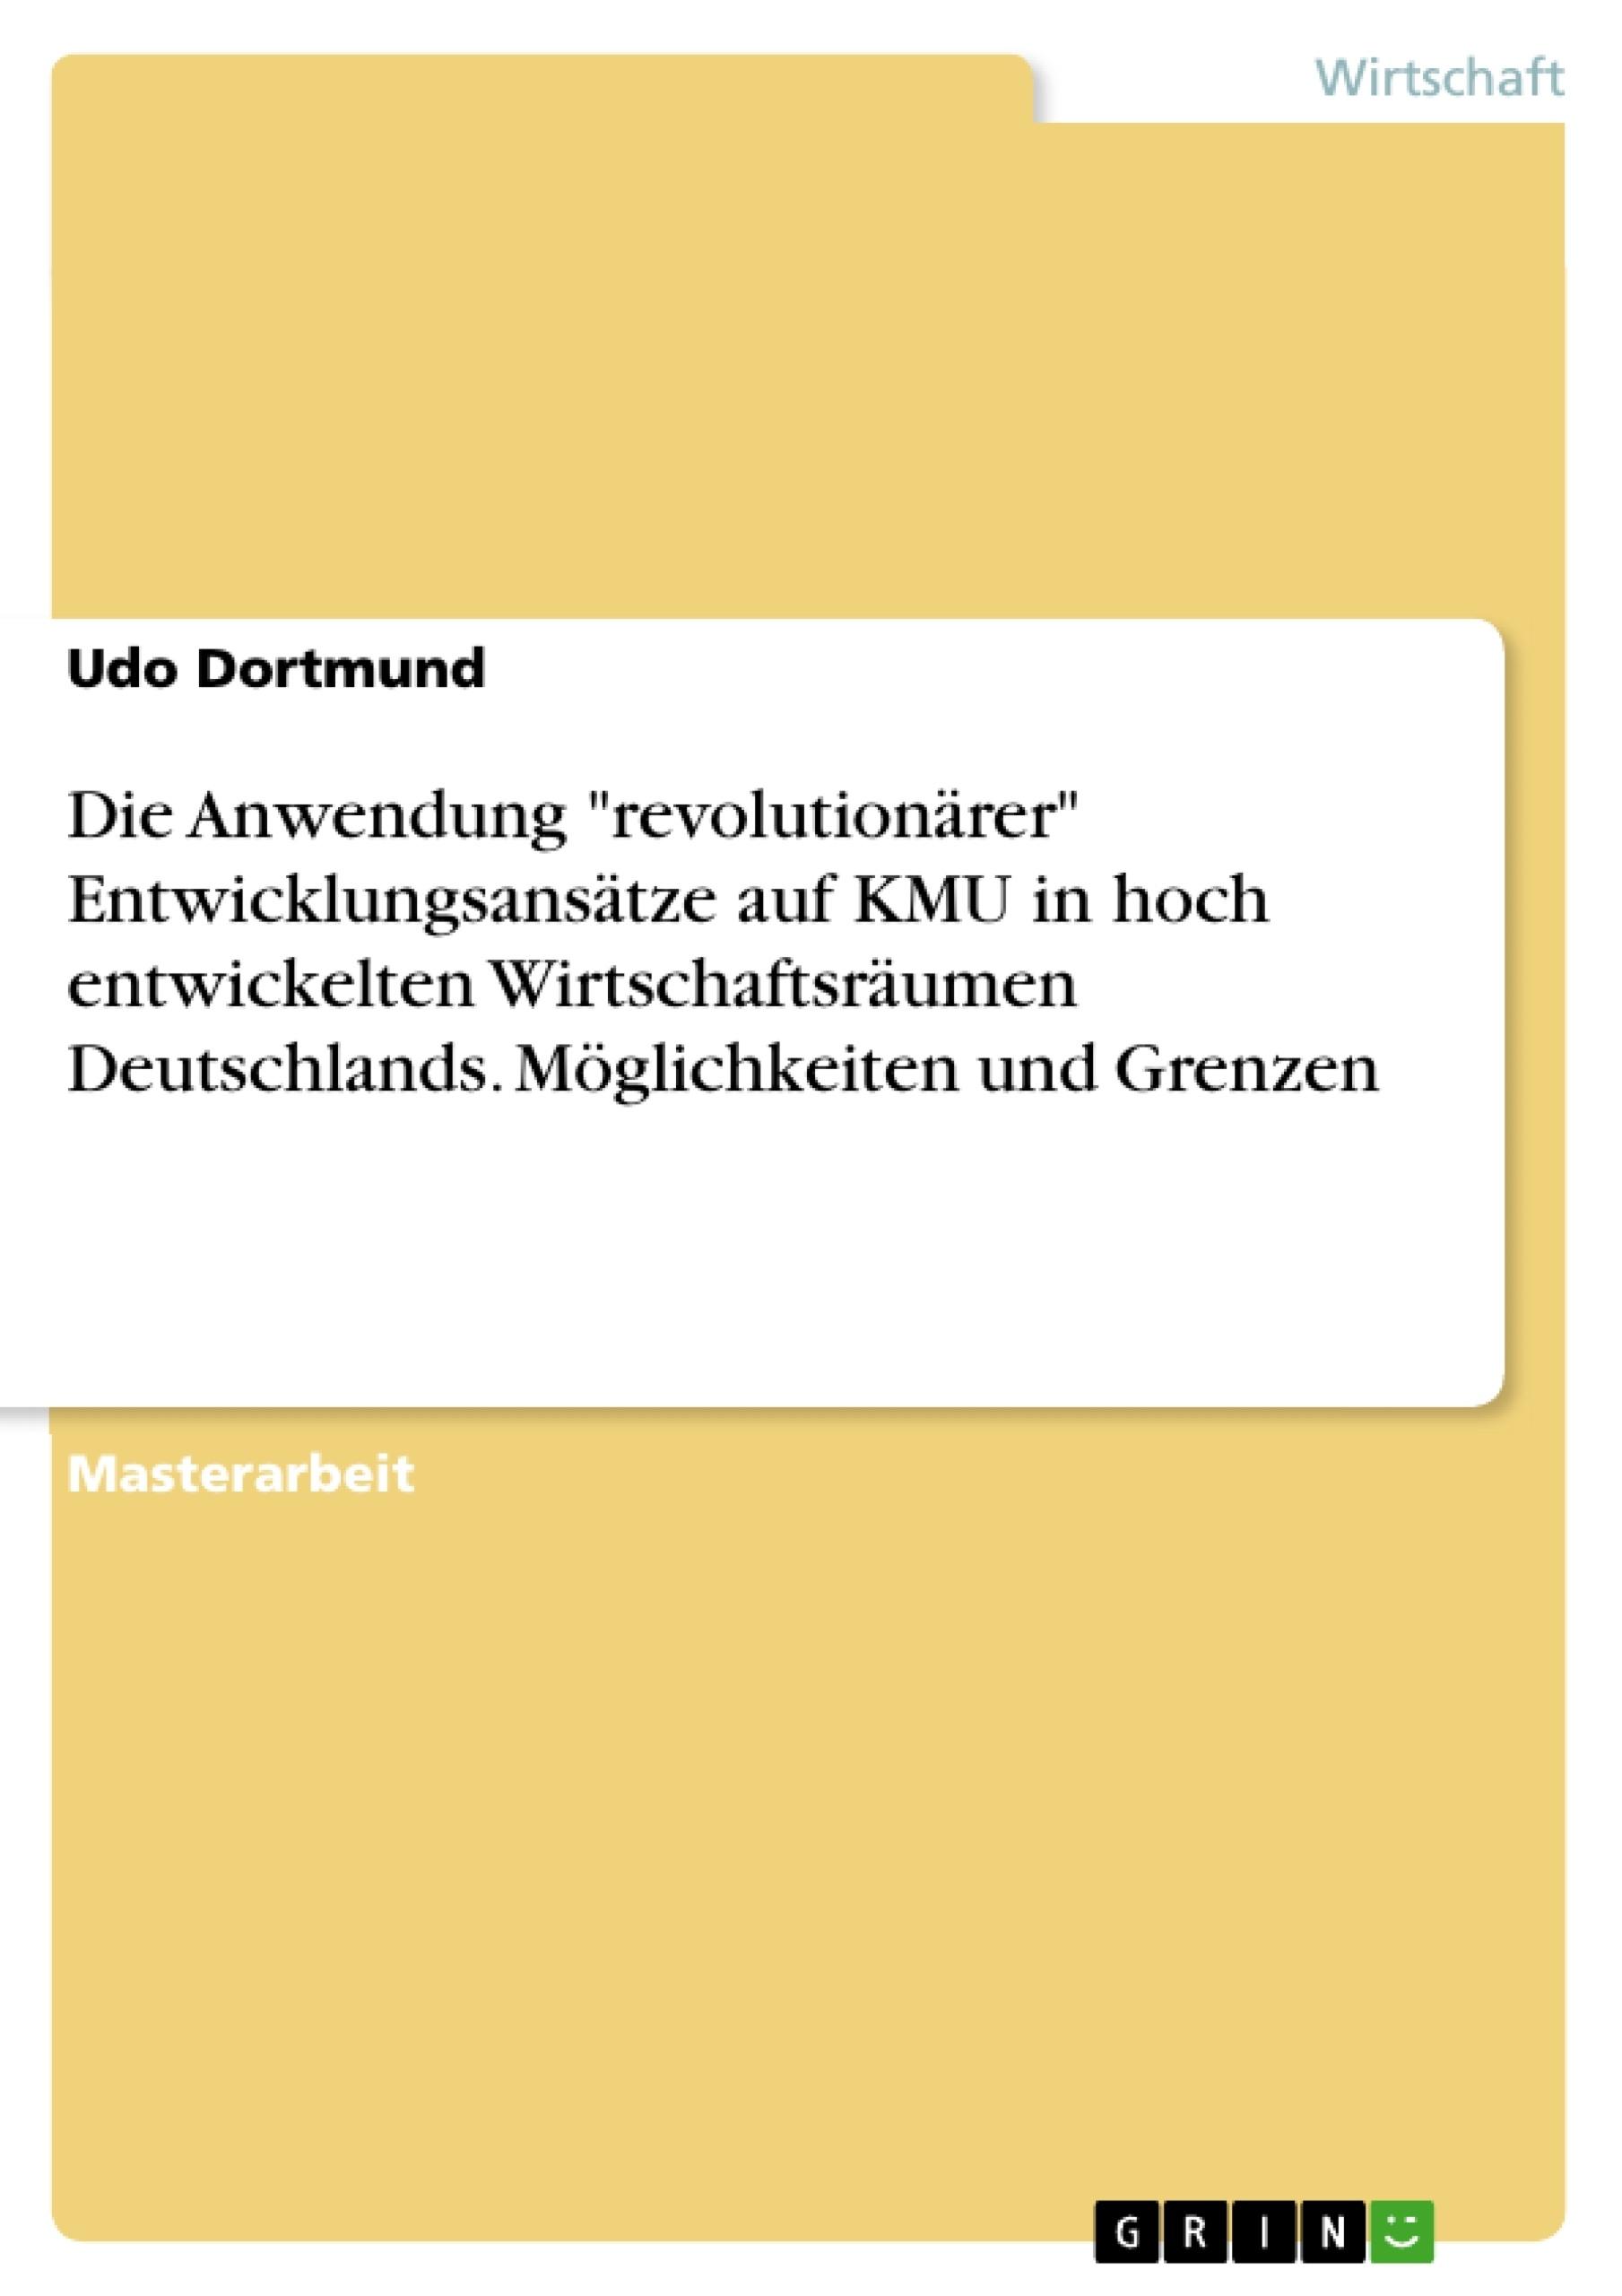 """Titel: Die Anwendung """"revolutionärer"""" Entwicklungsansätze auf KMU in hoch entwickelten Wirtschaftsräumen Deutschlands. Möglichkeiten und Grenzen"""